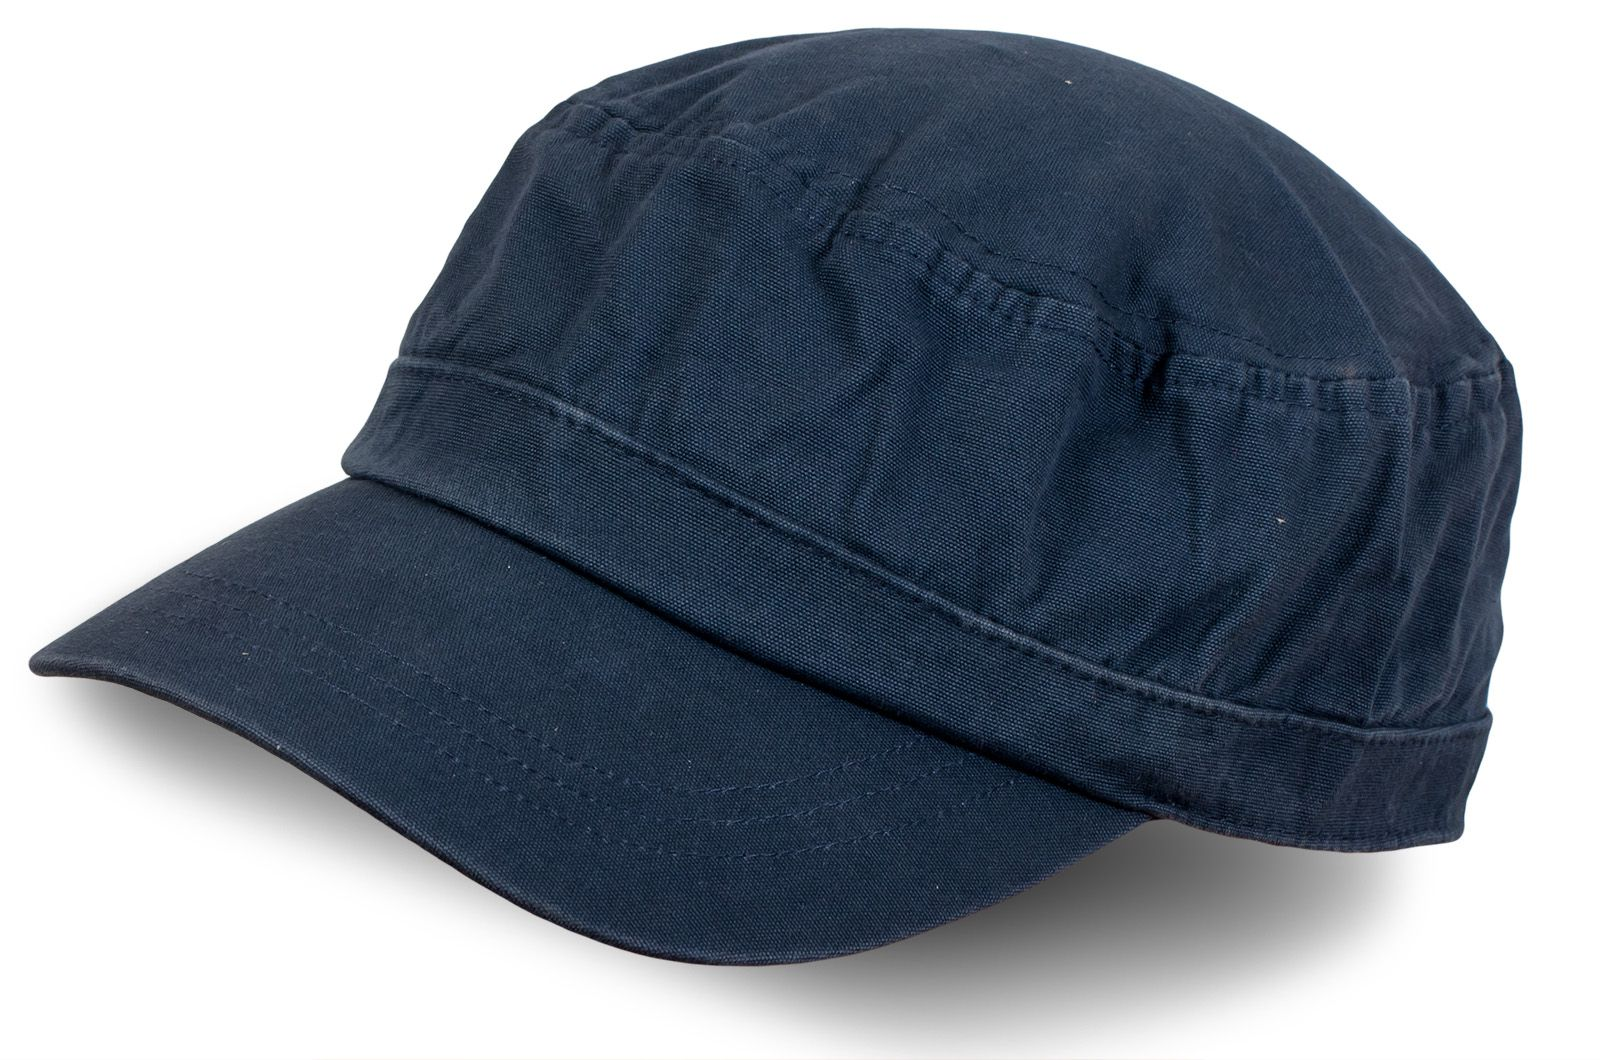 Классическая кепка-немка джинсовая - купить недорого с доставкой